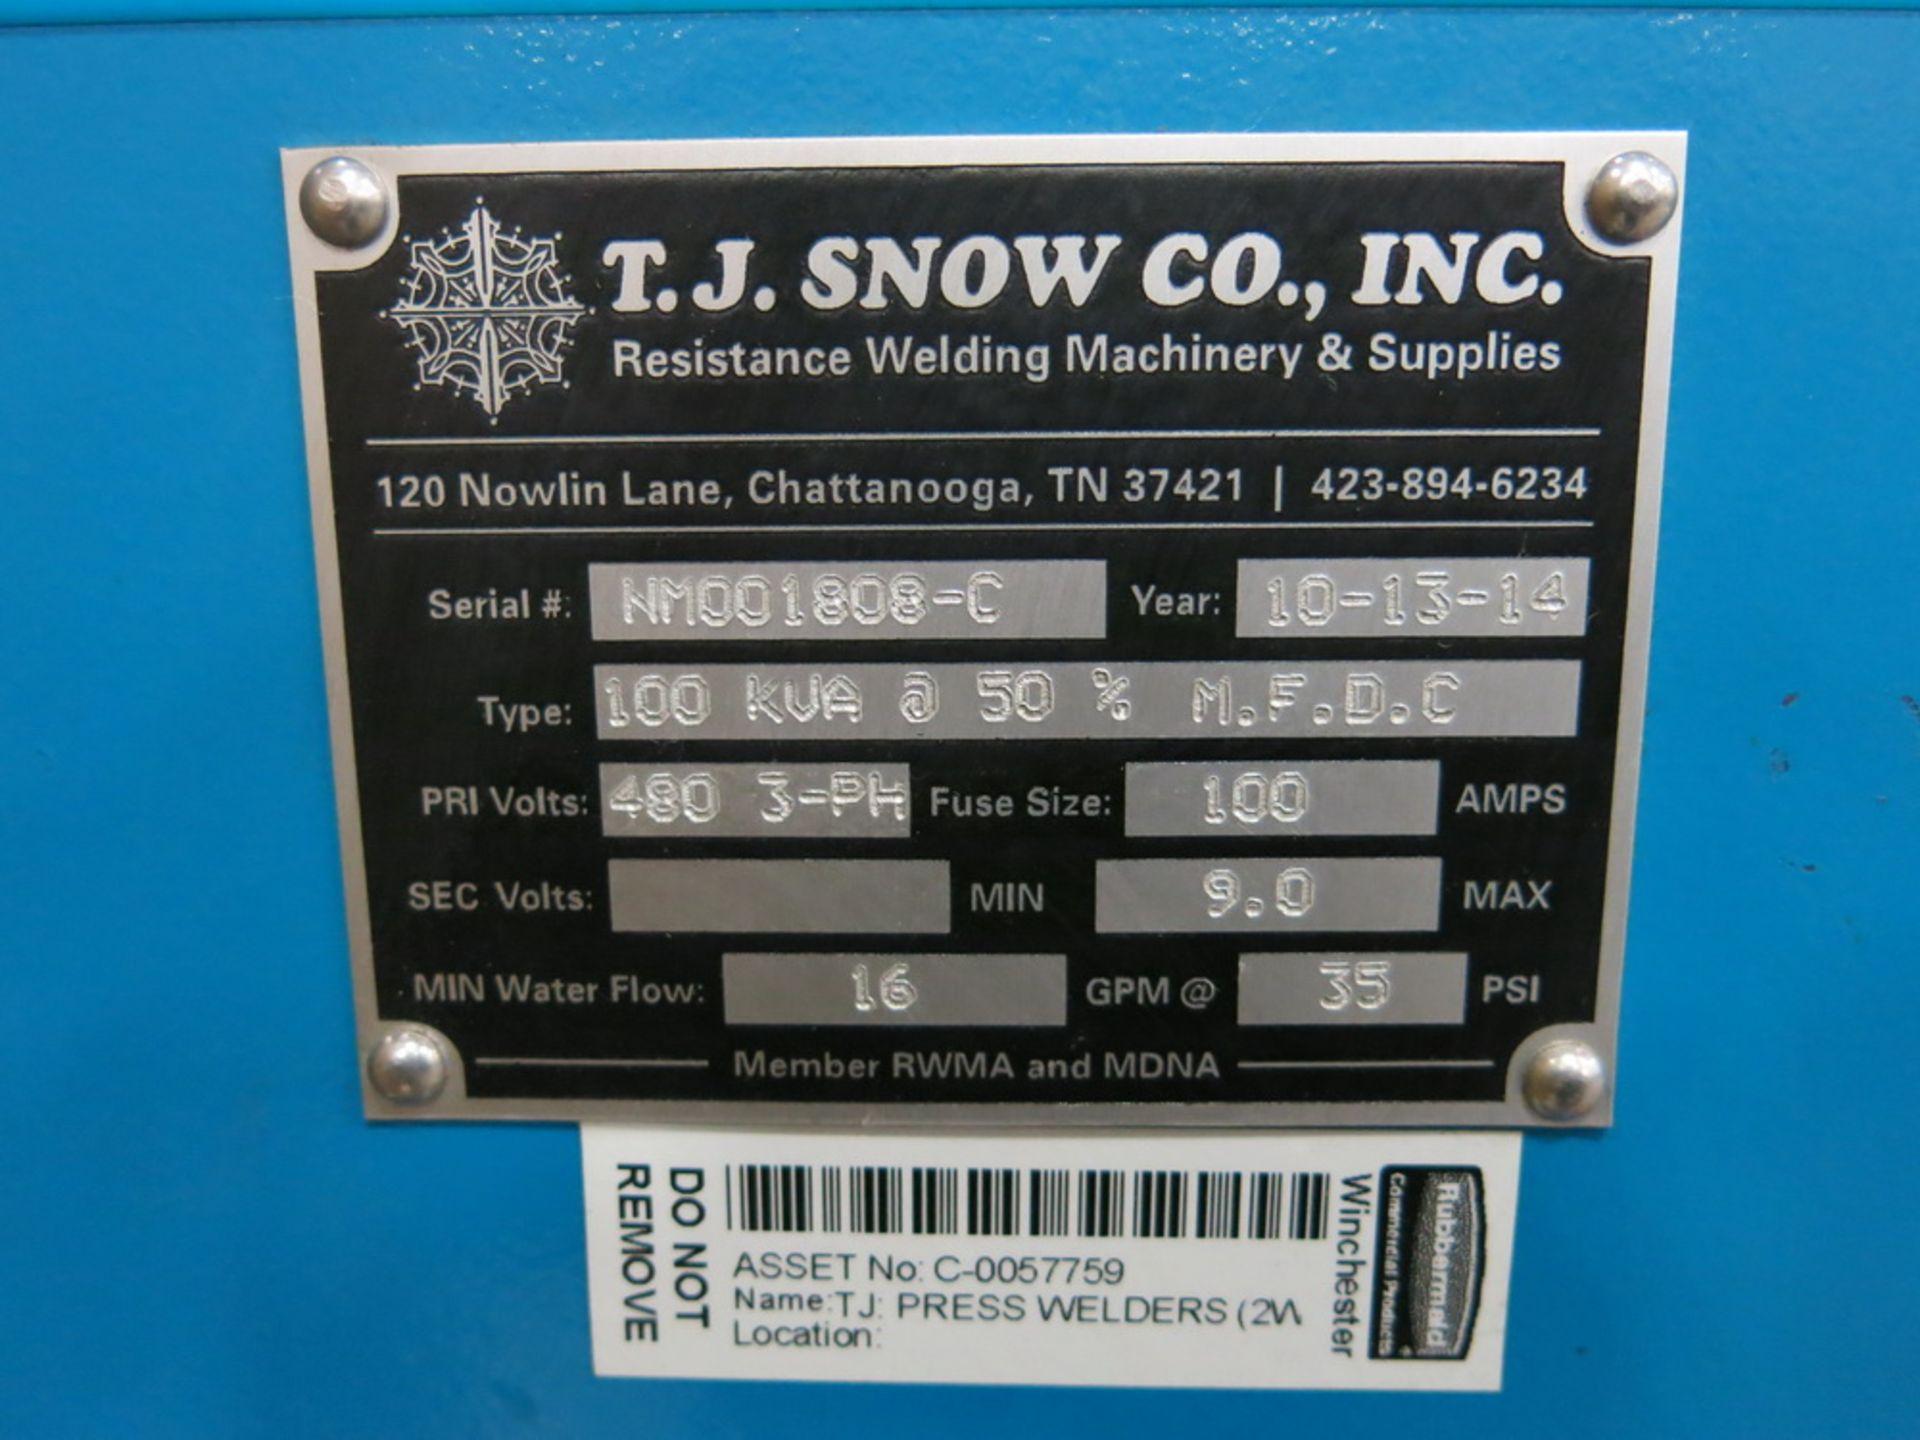 Lot 35 - 2014 T.J. Snow 100 KVA @ 50 Percent M.F.D.C. Dual Head Spot Welder